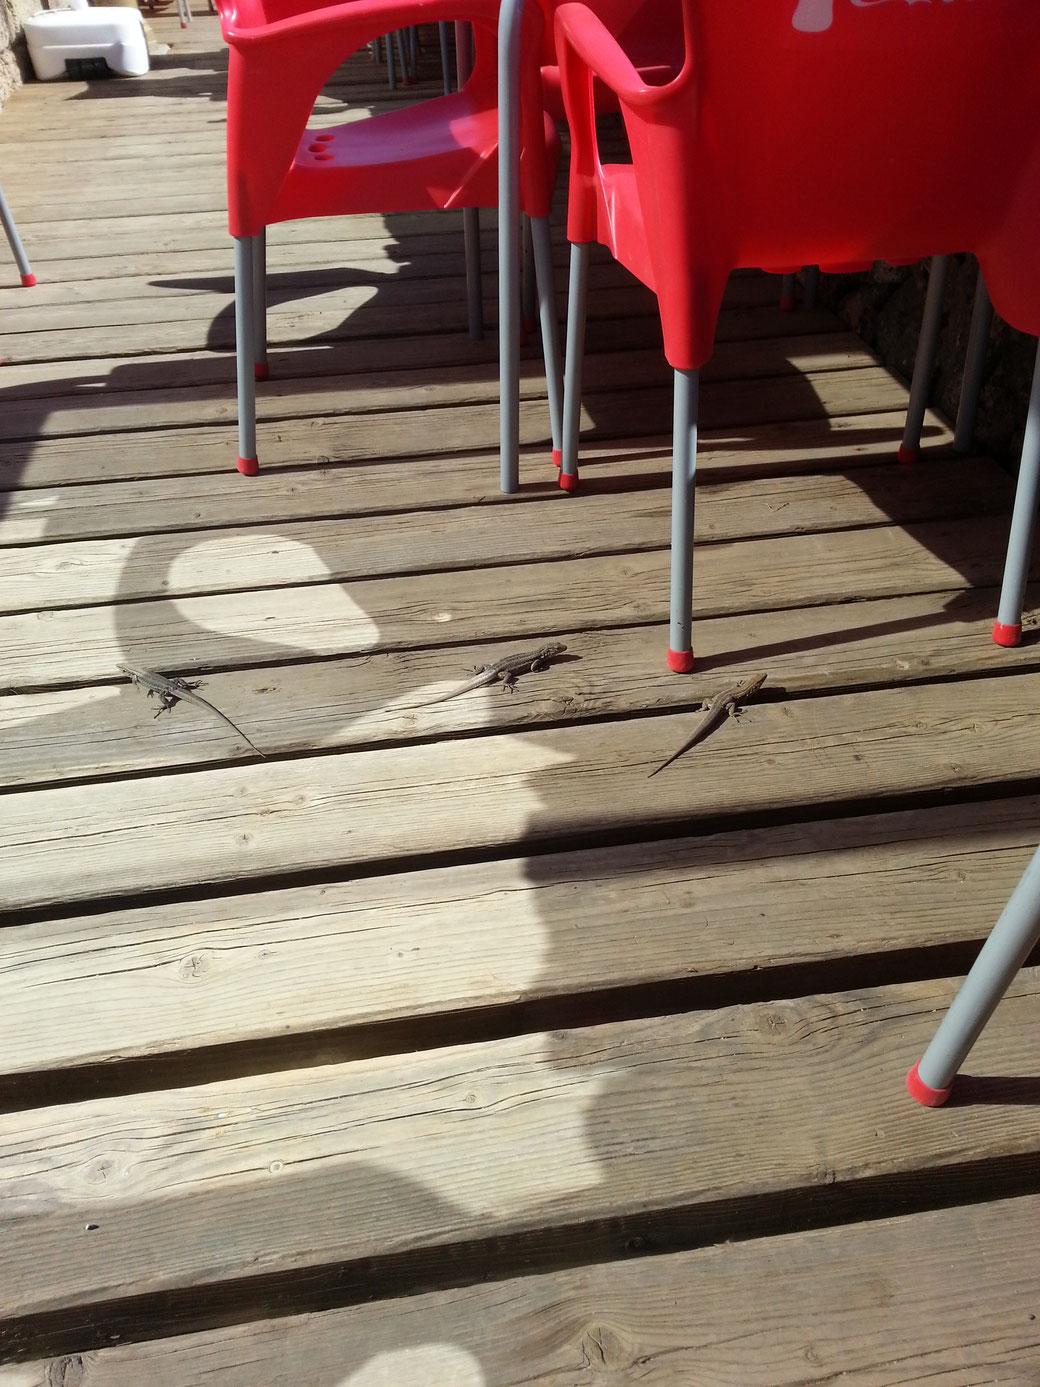 Die Geckos hier erinnern mich an die Vögel, die immer auftauchen, wenn man was isst. Die hausen unterhalb des Boardwalks.